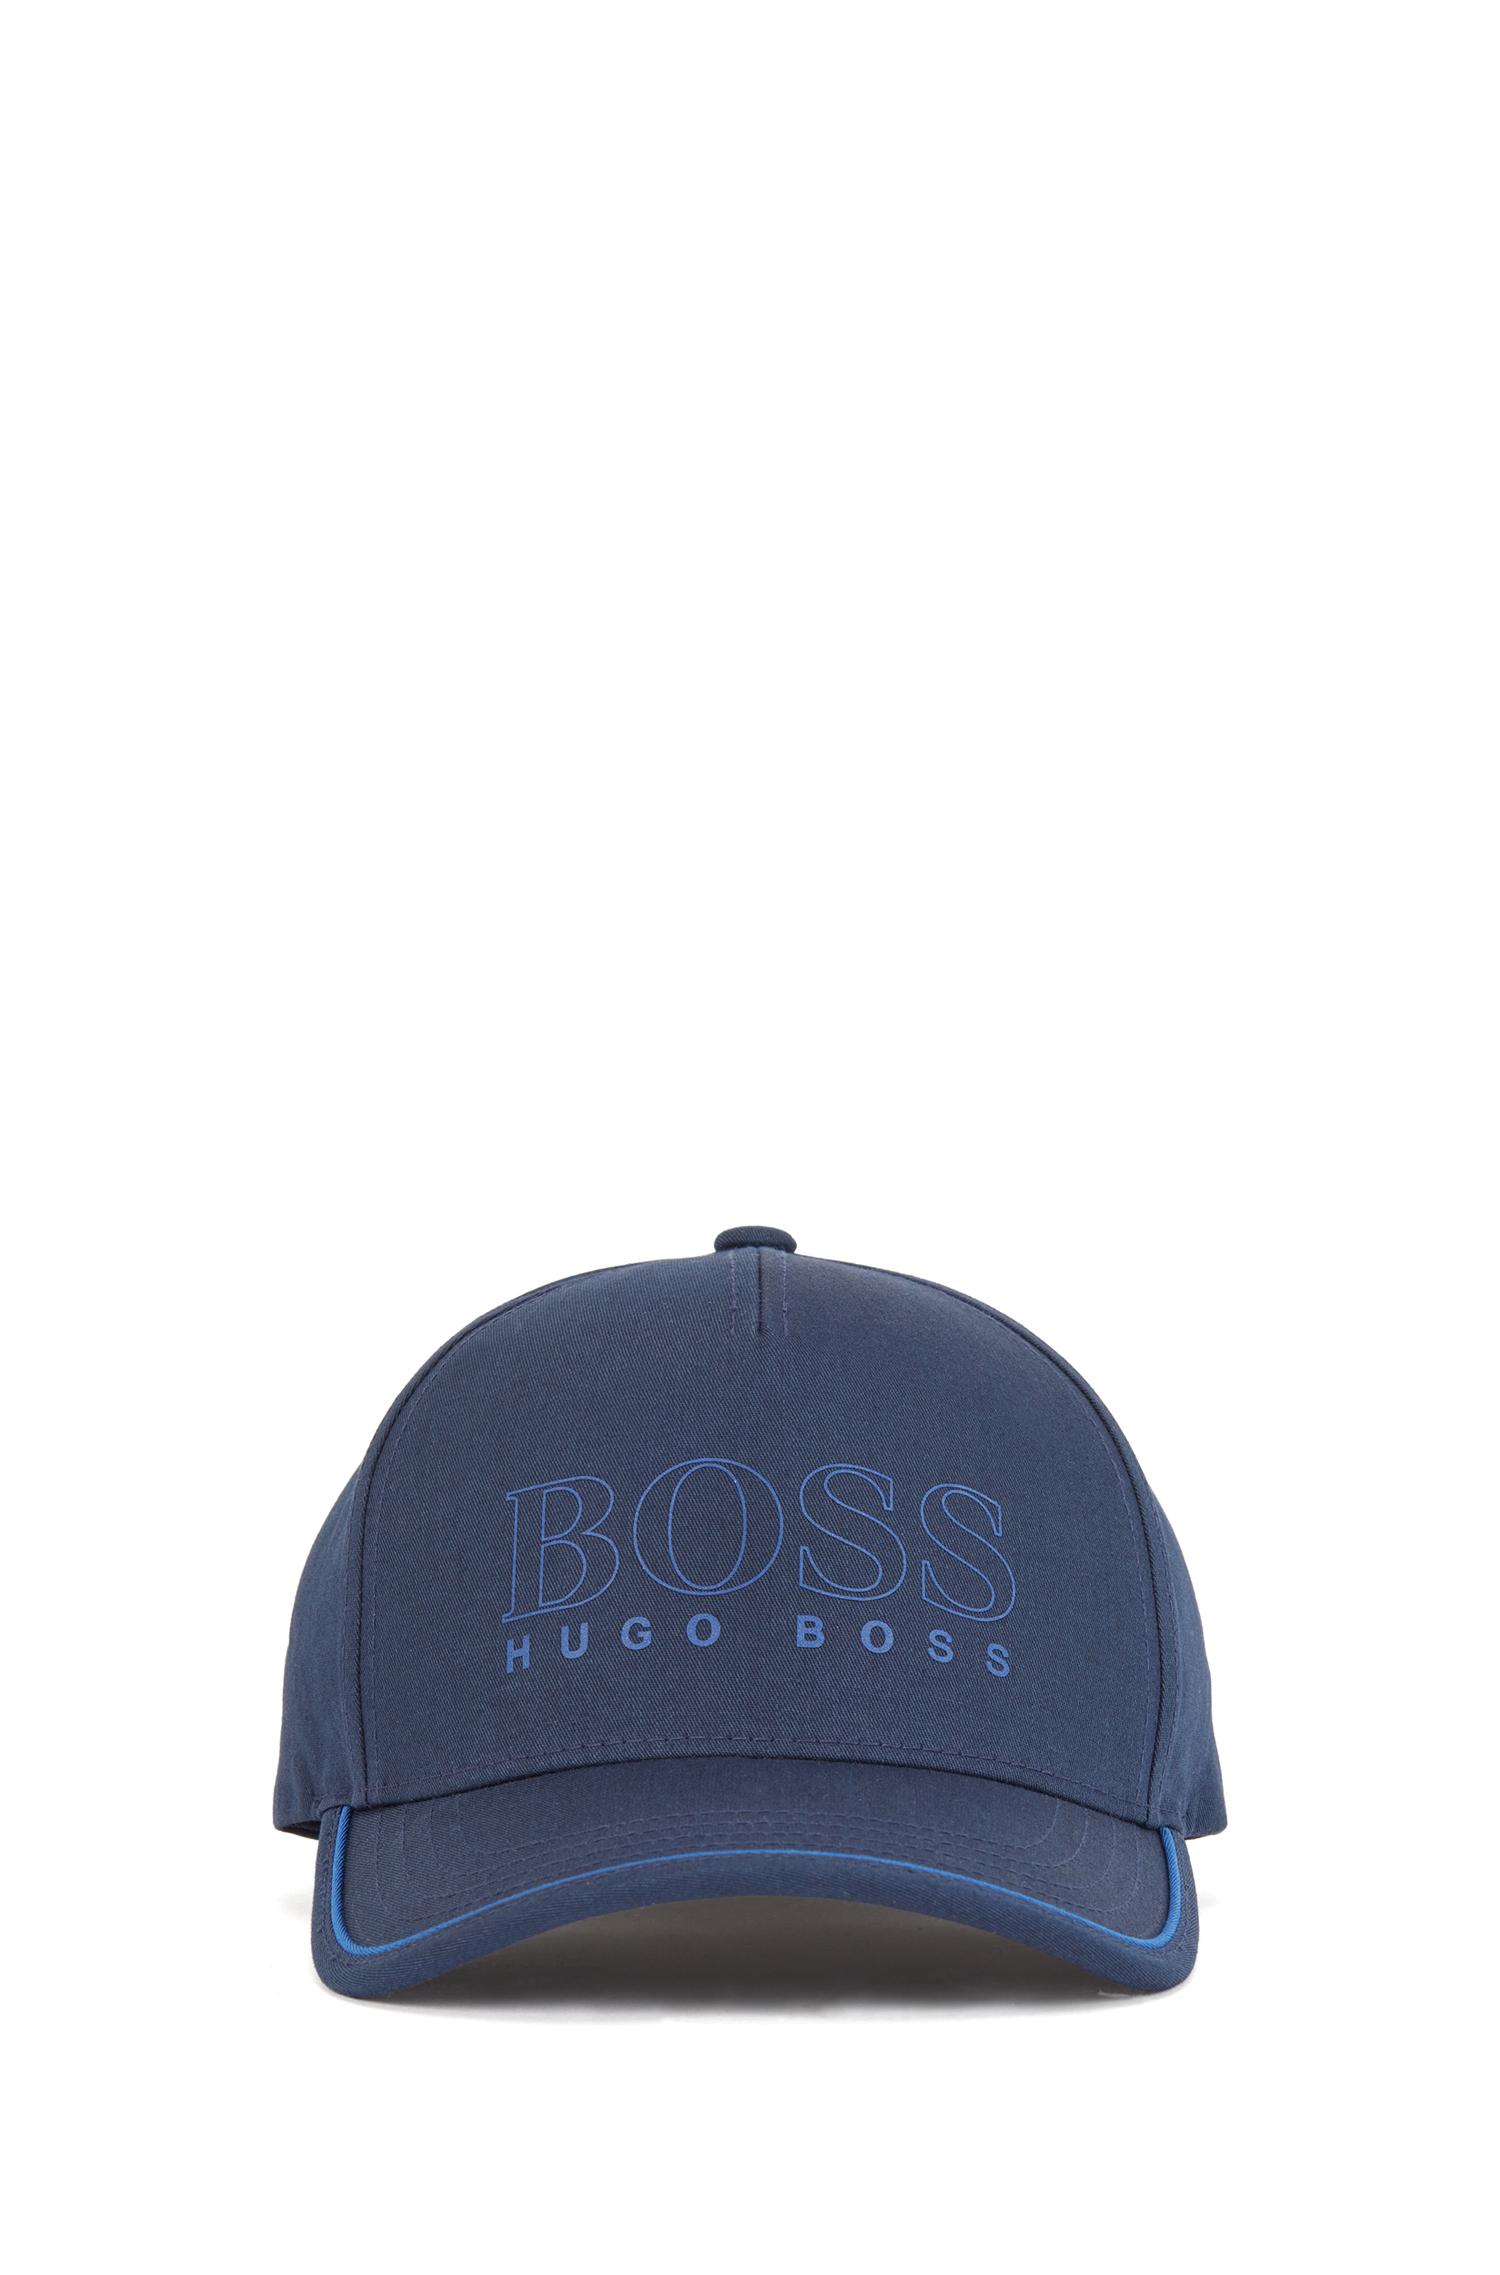 Um boné contemporâneo da BOSS. Desenhado em uma mistura de algodão com ponto de sarja, este boné apresenta um logotipo estampado em borracha